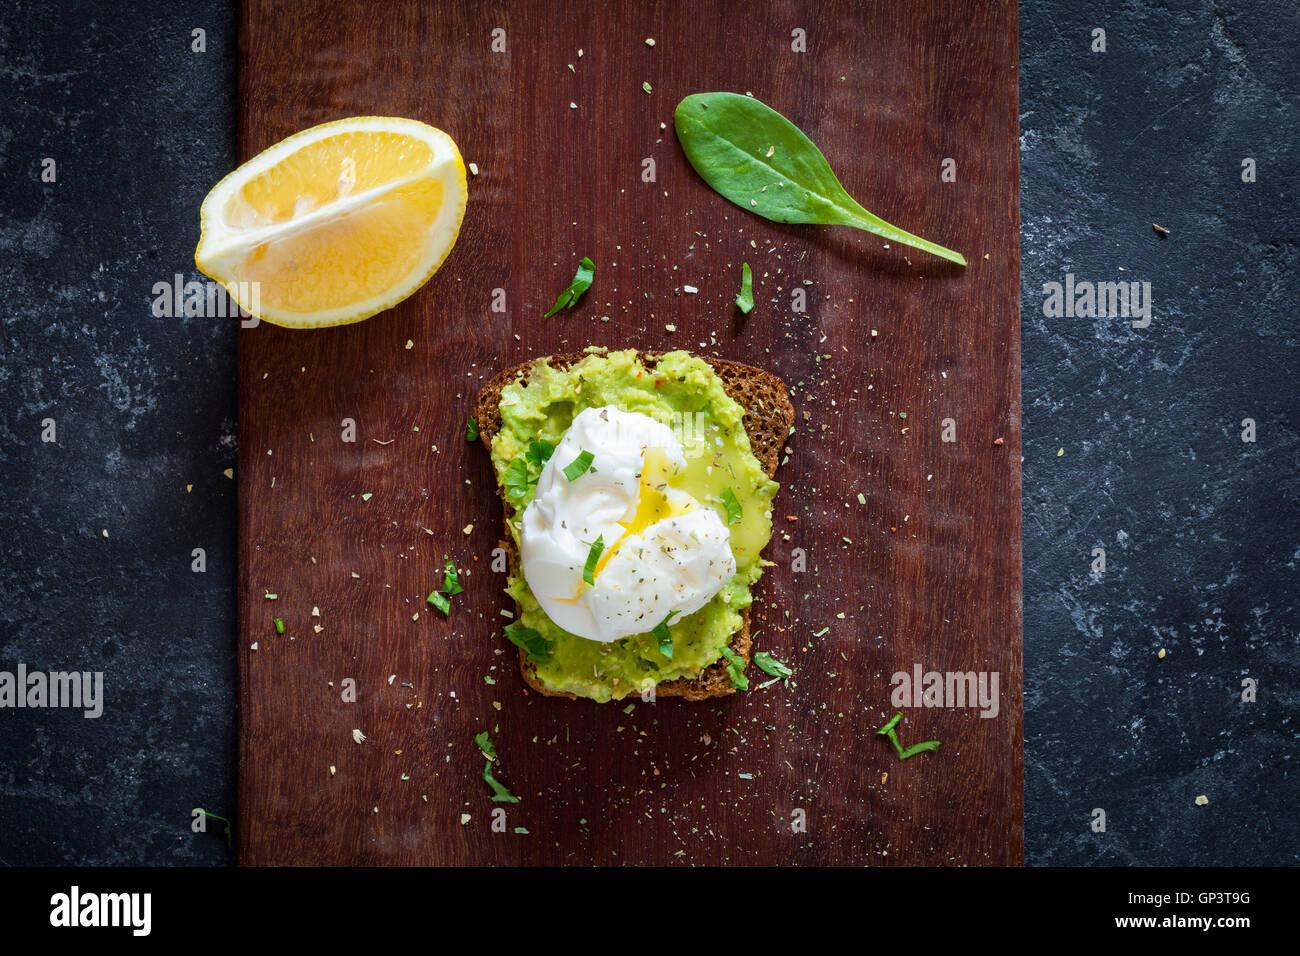 Huevo y puré de aguacate en centeno tostadas, vista desde arriba. Comida sana Foto de stock